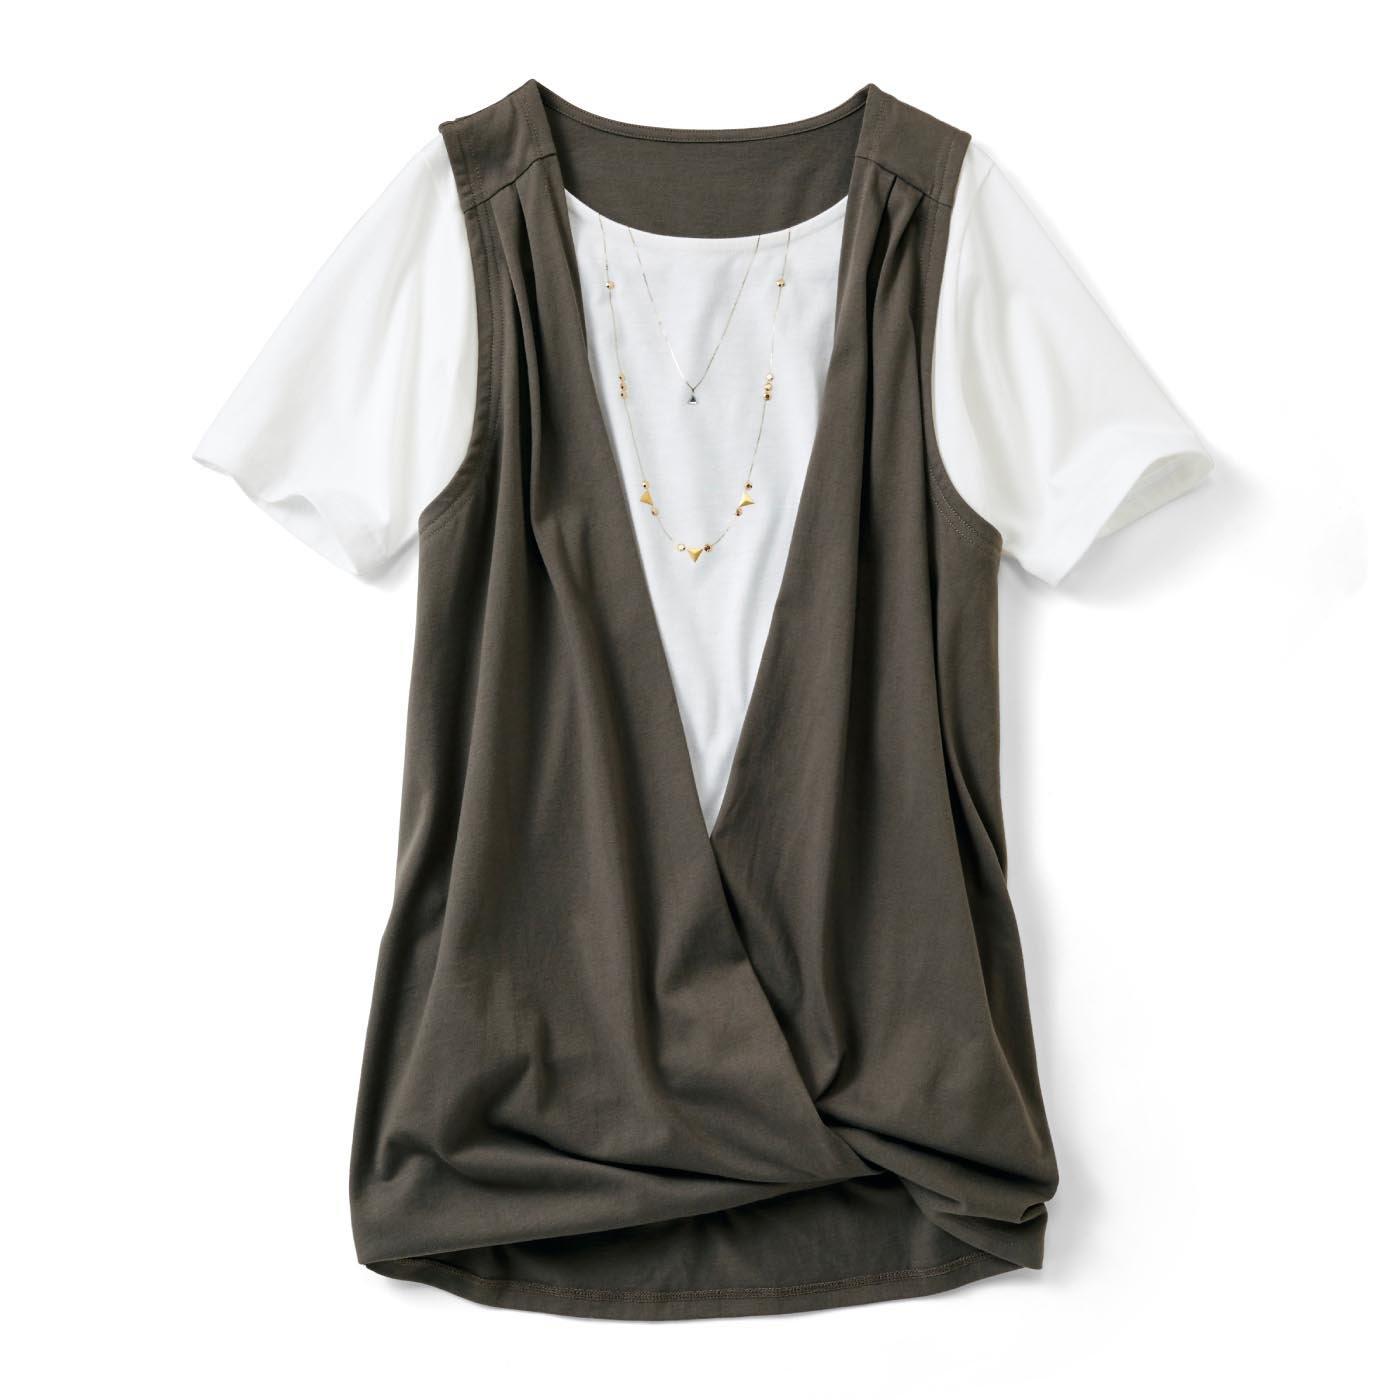 リブ イン コンフォート 体形カバーと着映えはおまかせ カシュクールにもなる ジレドッキングTシャツ〈カーキ〉